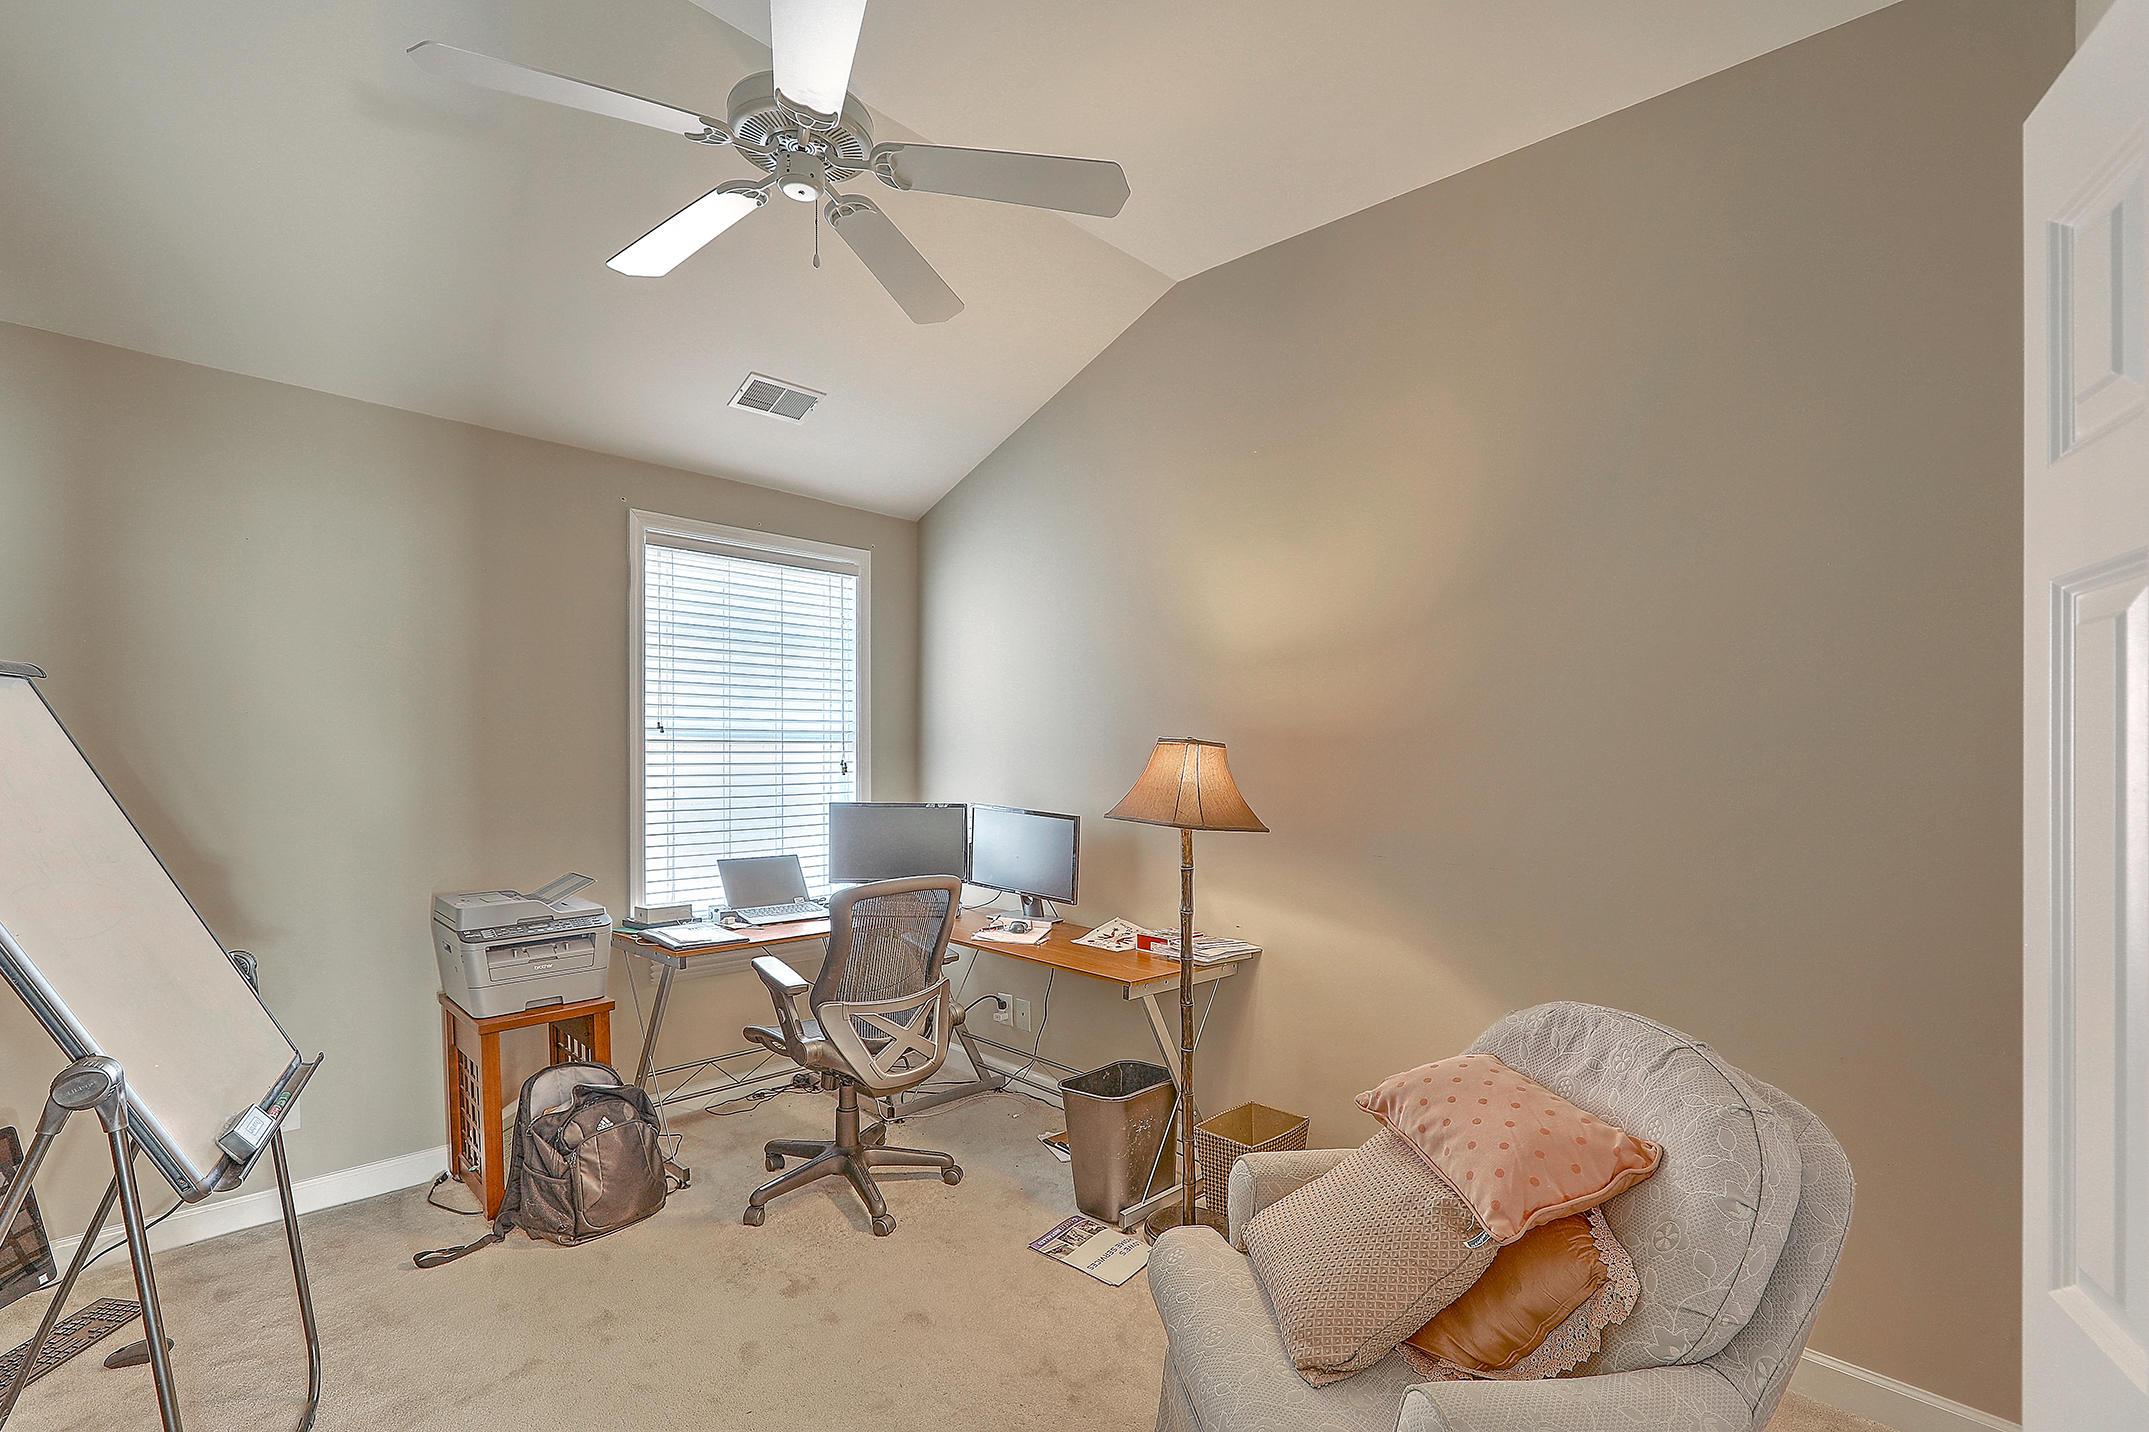 Dunes West Homes For Sale - 129 Palm Cove, Mount Pleasant, SC - 26